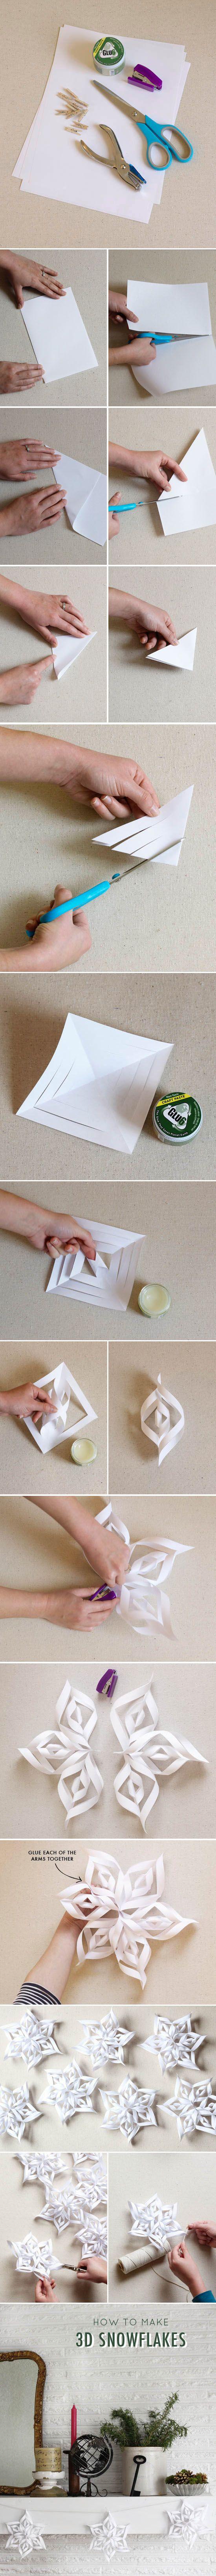 Guirnaldas de papel tridimensionales